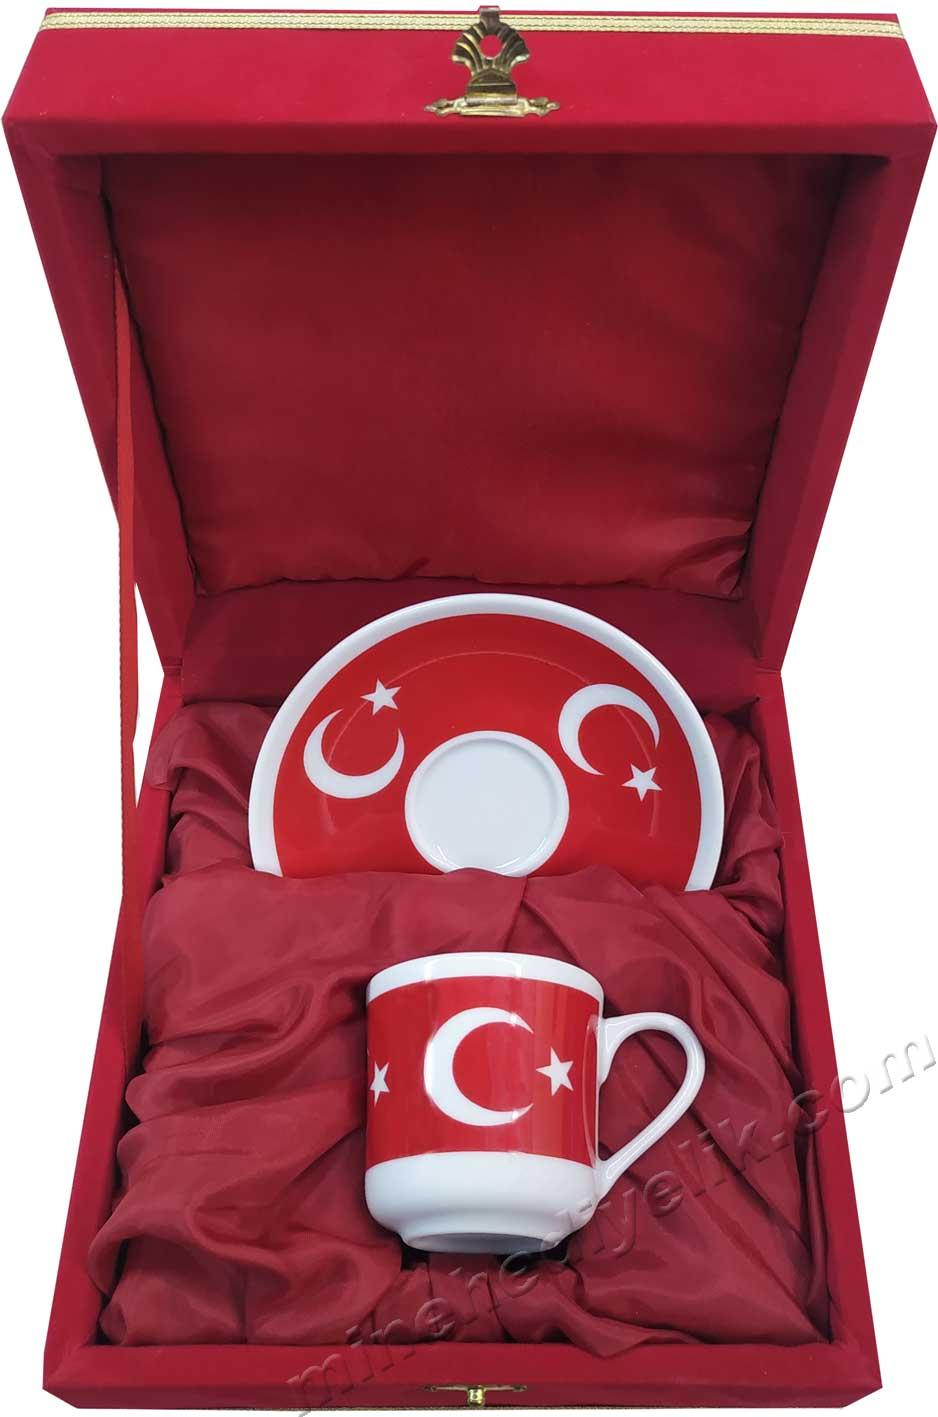 Tekli Ay yıldız Türk Bayraklı Kahve Fincan Seti  Kırmızı Kadife Kutulu